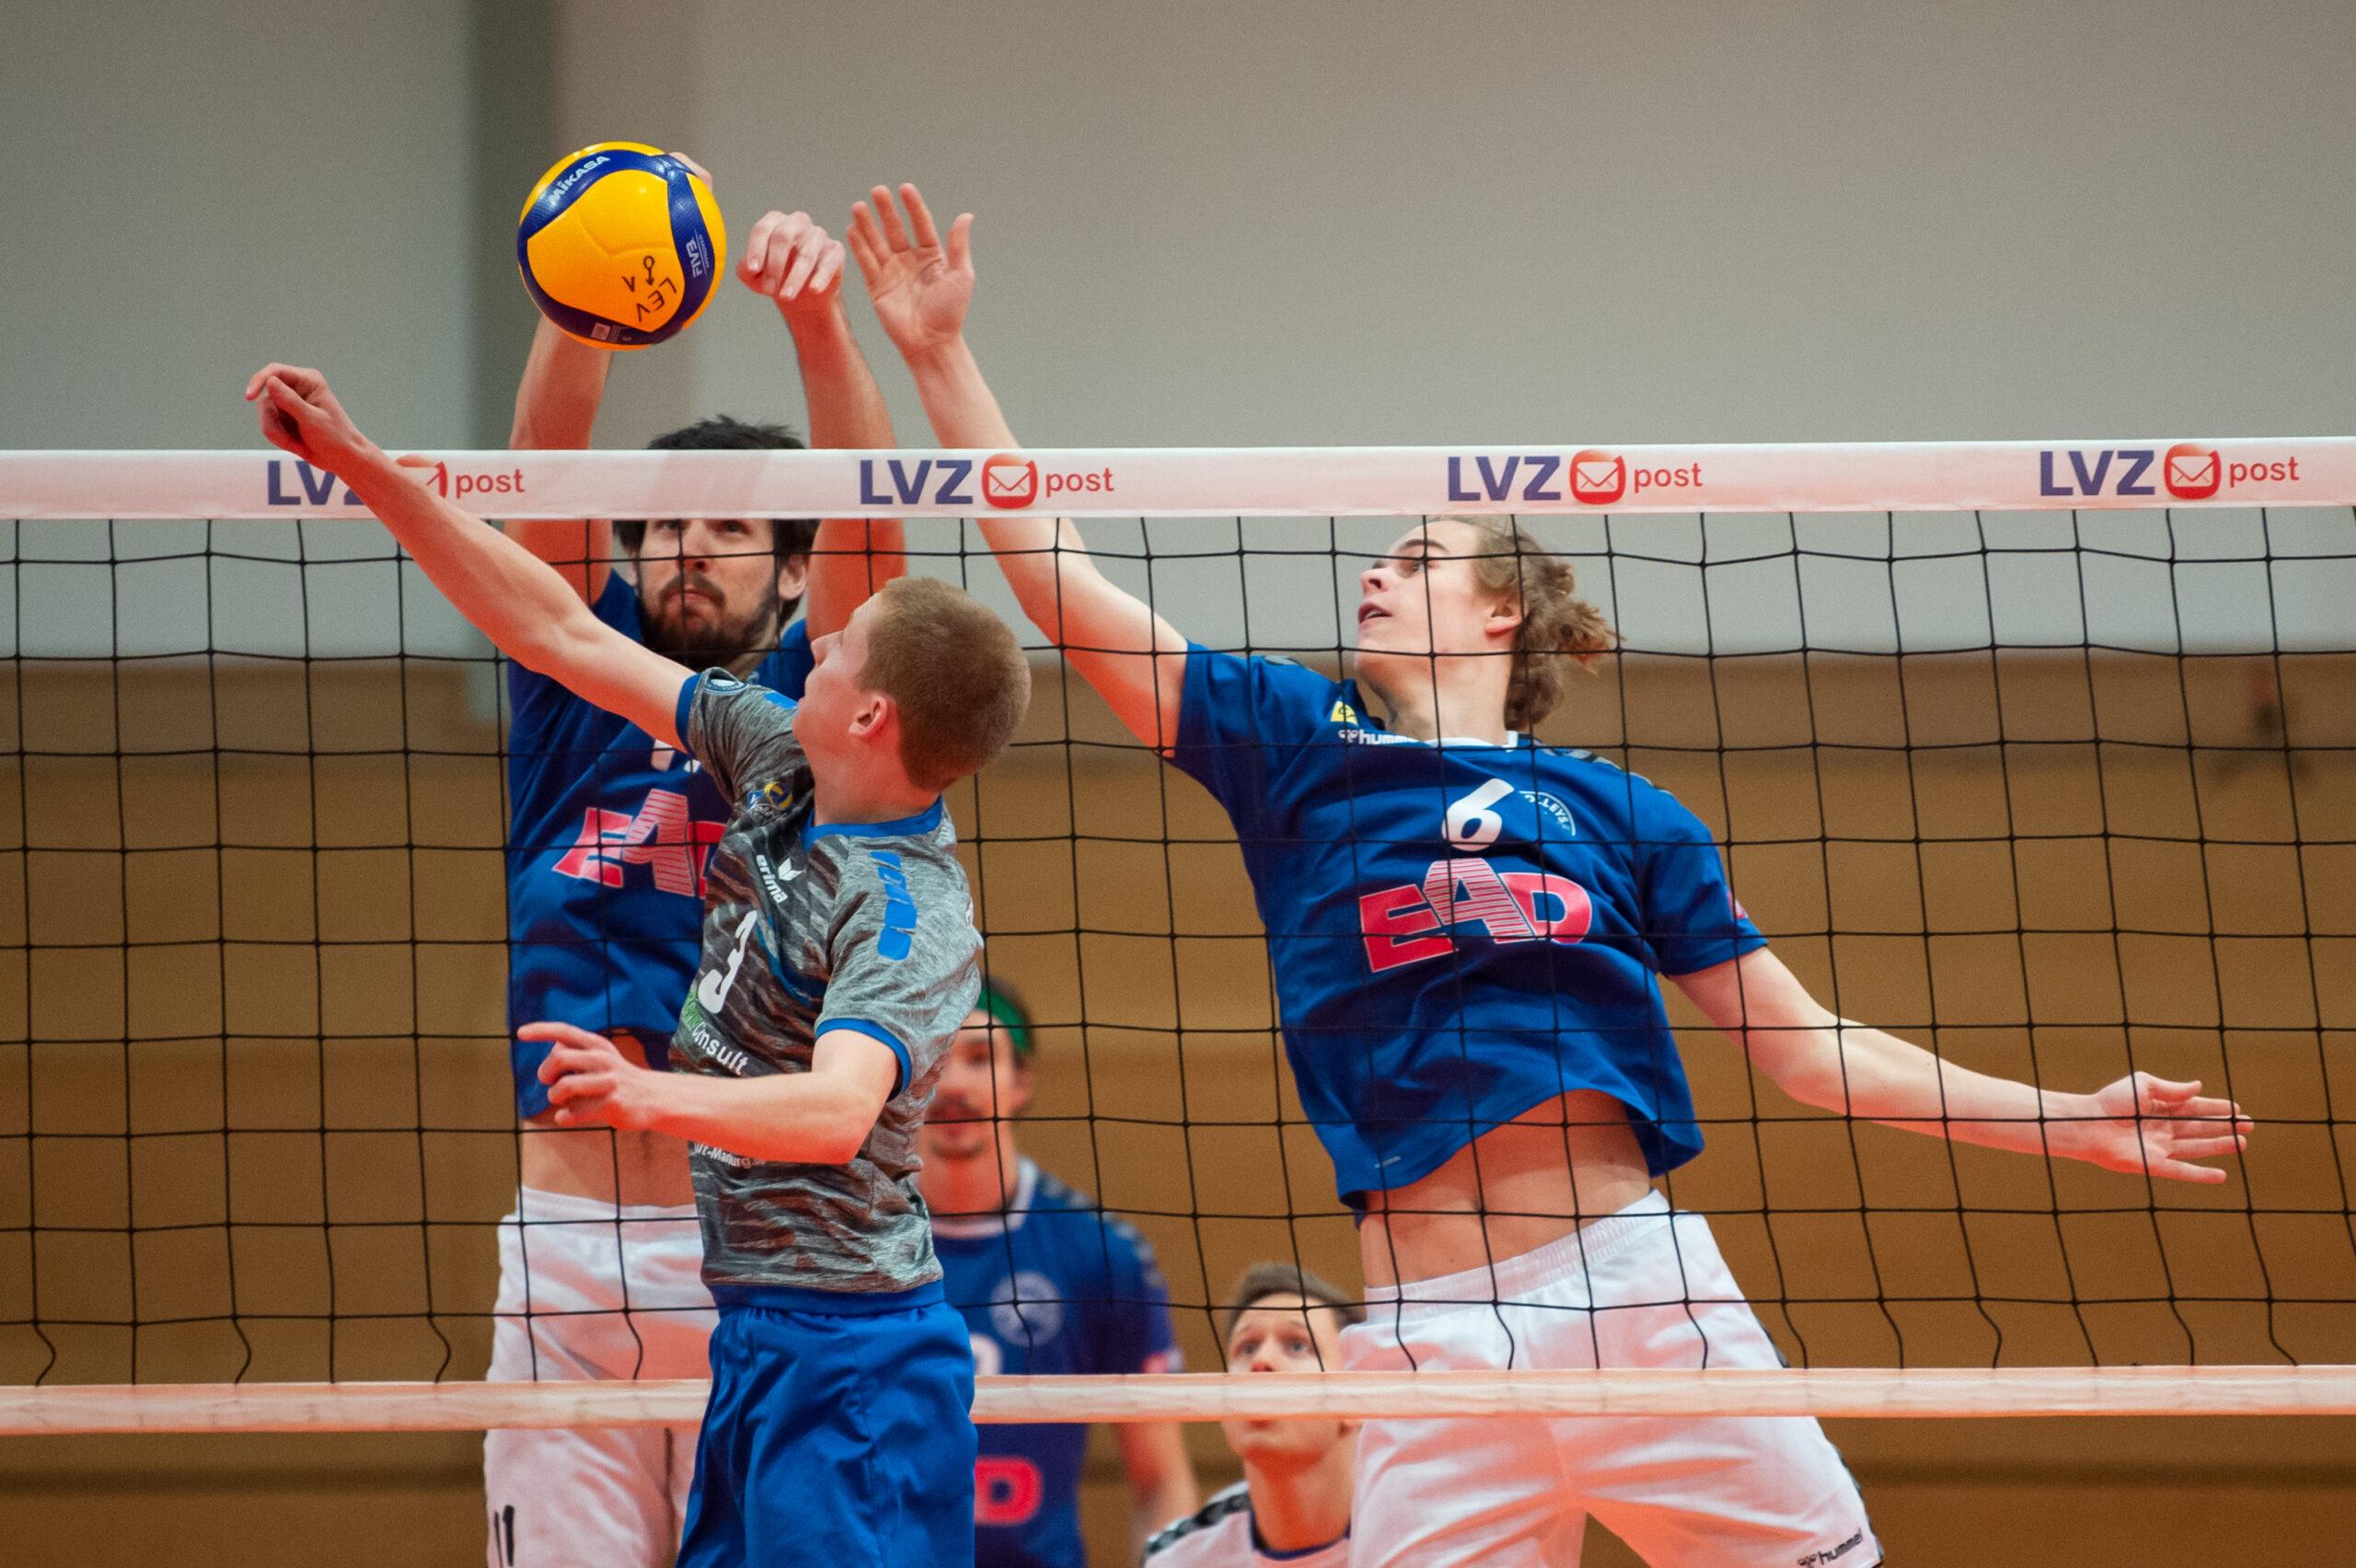 Jerome Ptock (Volleys 11) und Julius Stiemer (Volleys 6)   L.E. Volleys Leipzig vs Volley Youngstars Friedrichshafen, Volleyball, 2.Liga, 12.12.2020